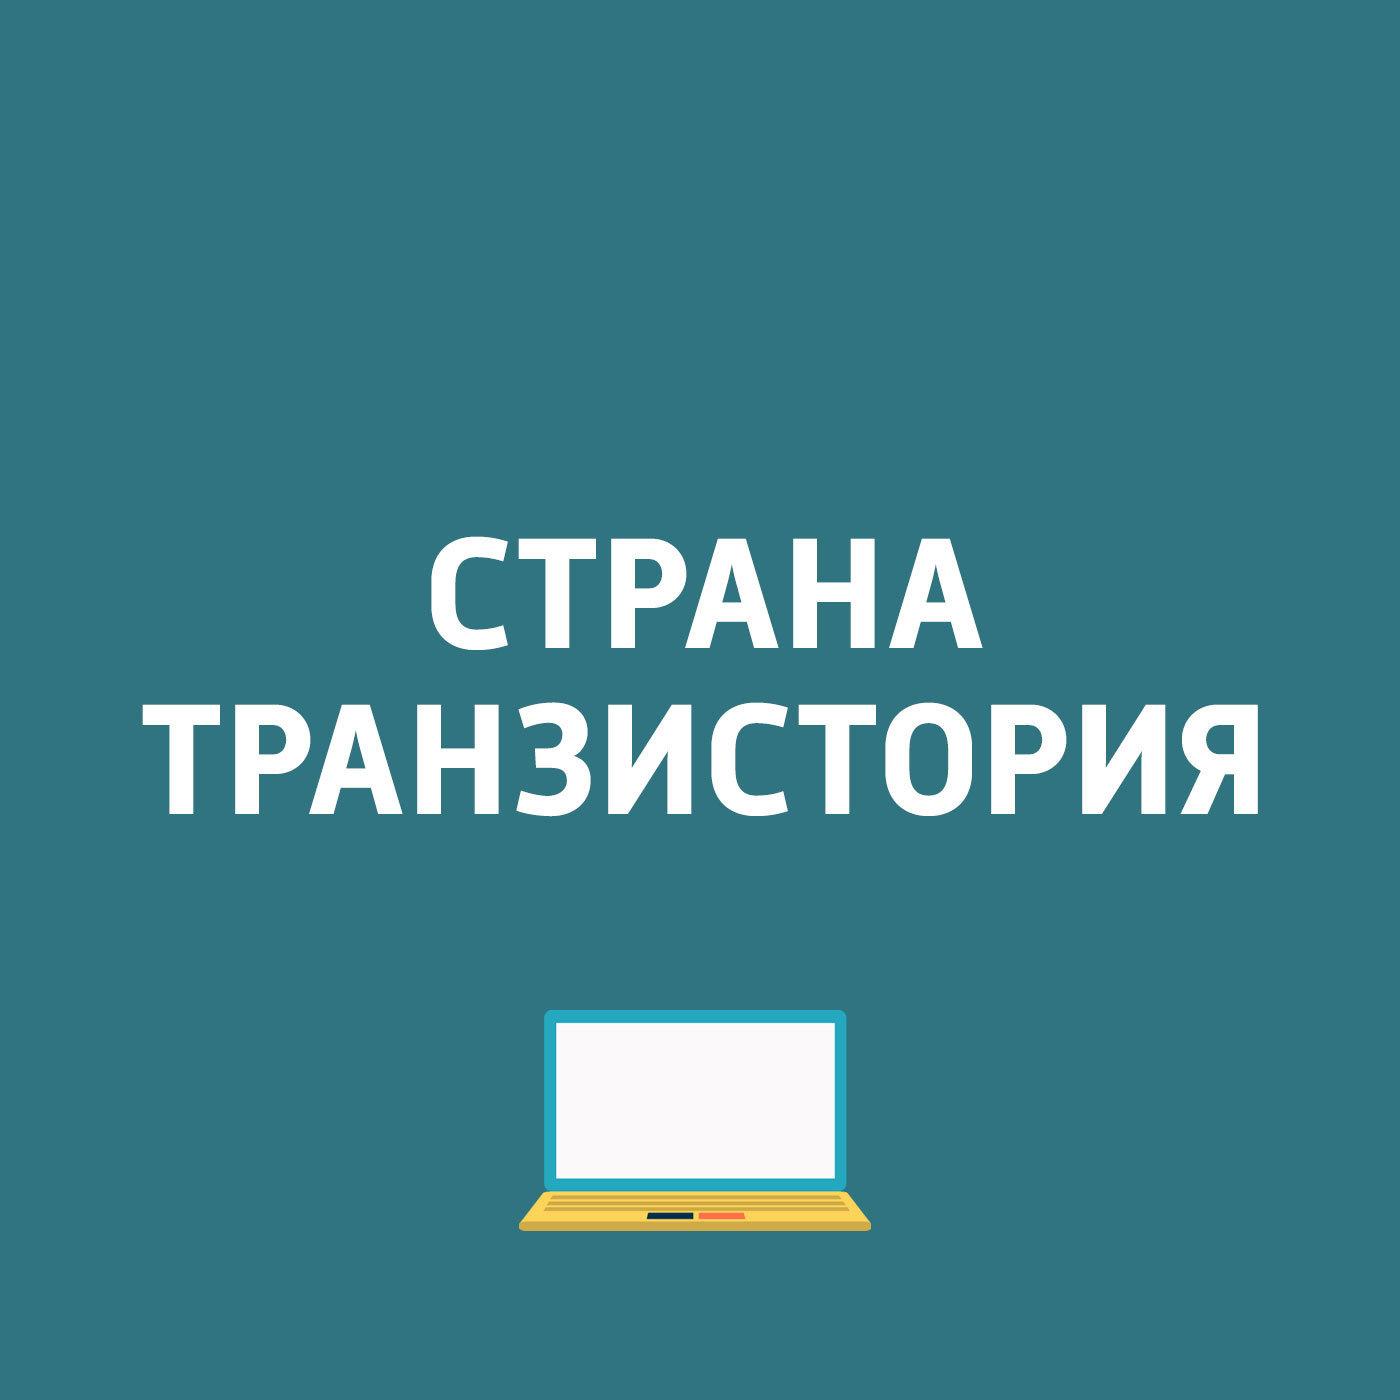 Фото - Картаев Павел IFA 2018: Первый взгляд на смартфон Sony Xperia XZ3 картаев павел выставка ifa 2018 каких новинок ждать